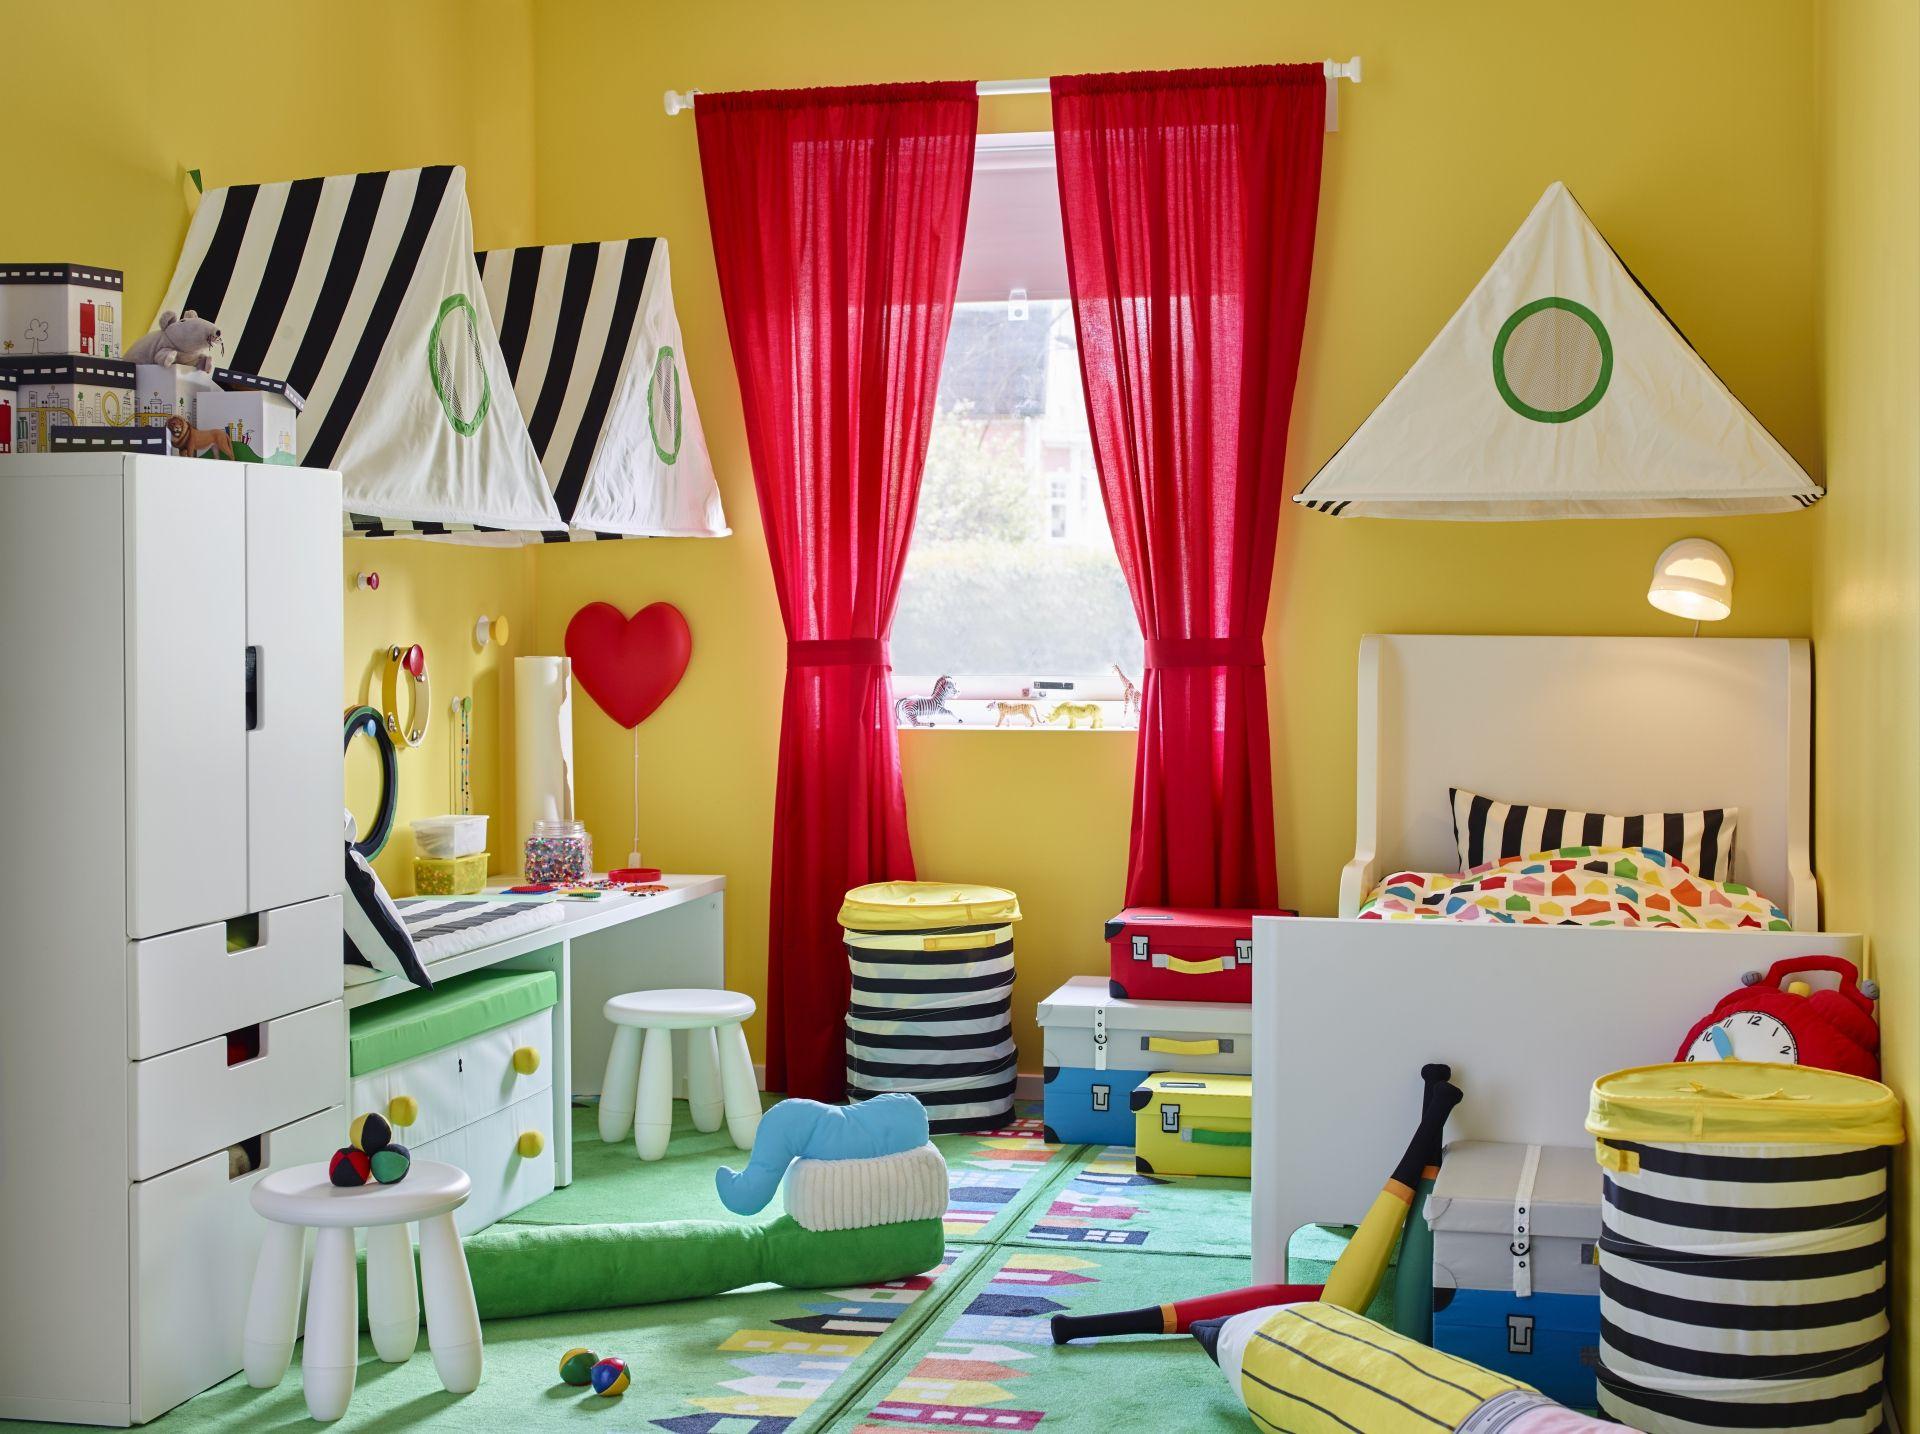 Bed Gordijn 9 : Hemmahos bedhemel ikea ikeanederland ikeanl speelgoed kinderen